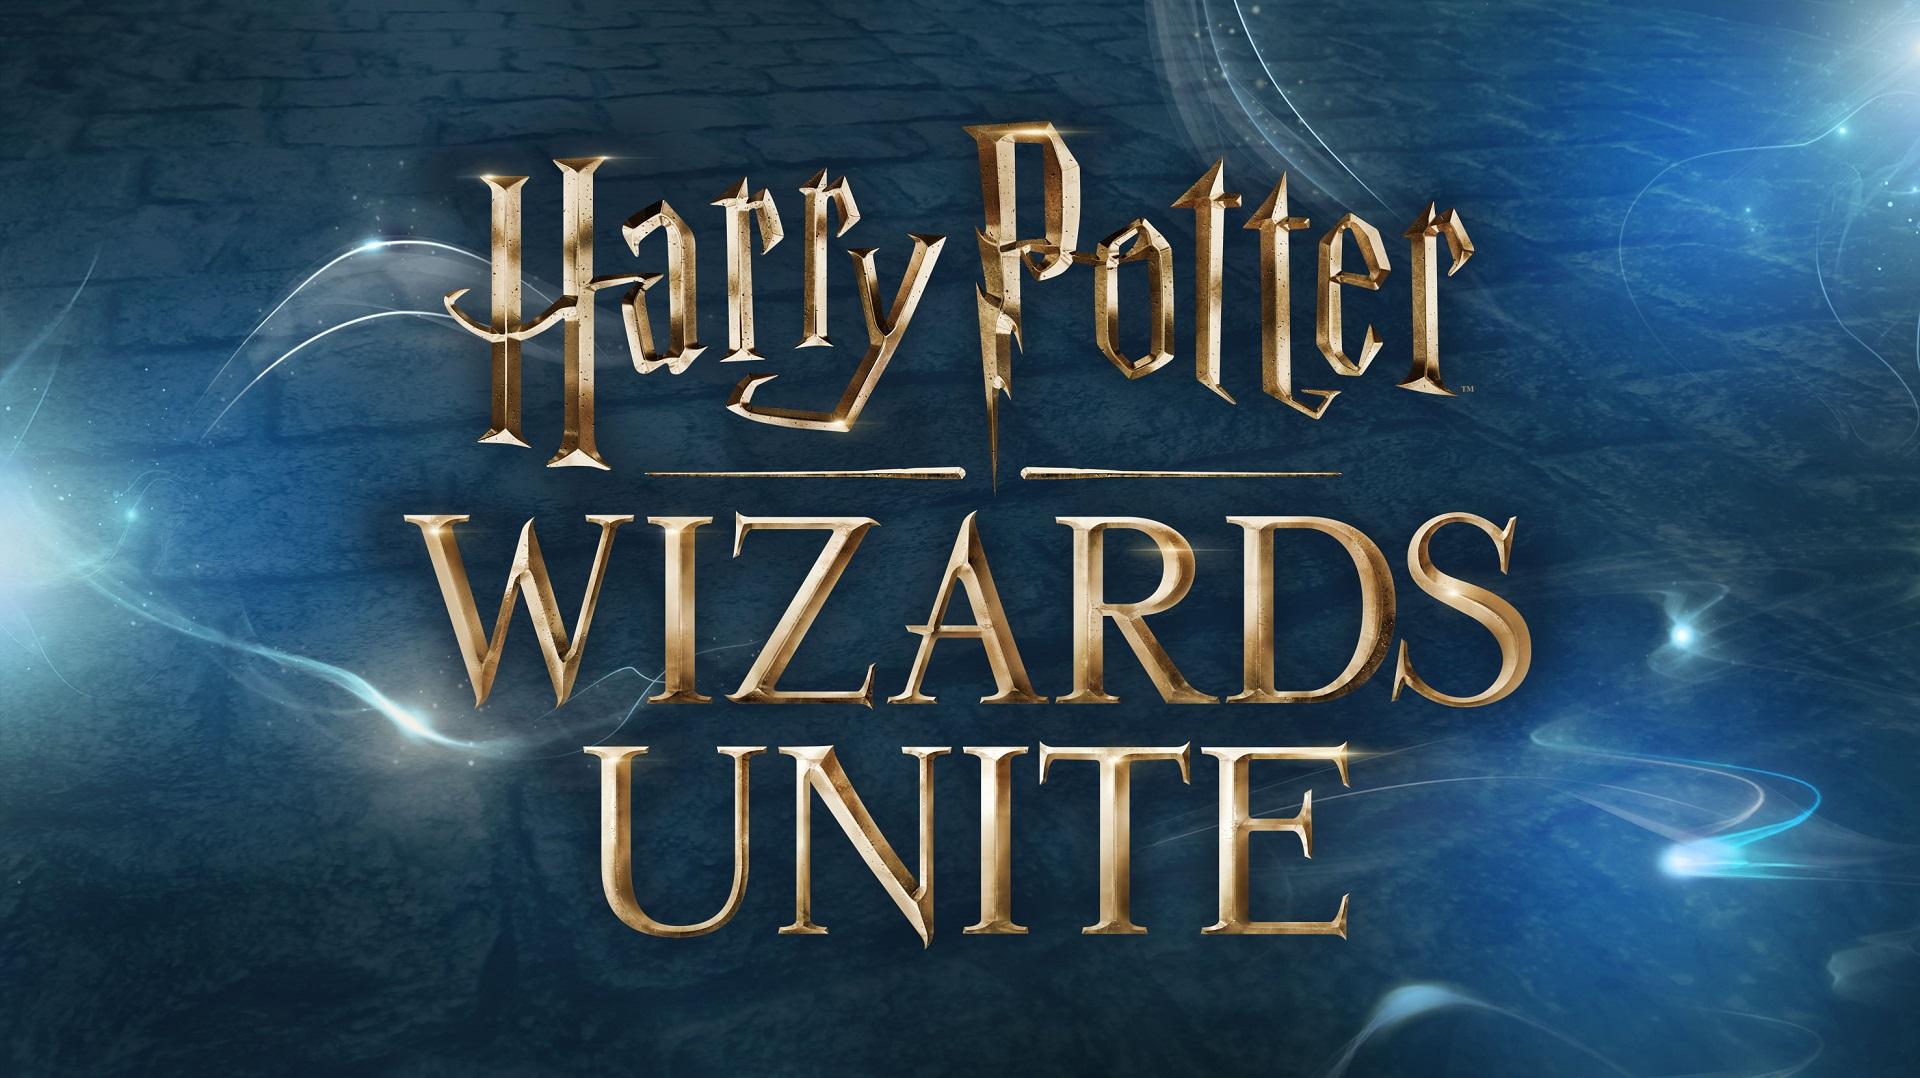 News – Harry Potter: Wizards Unite, dai creatori di Pokémon Go in arrivo il gioco in realtà aumentata per mobile